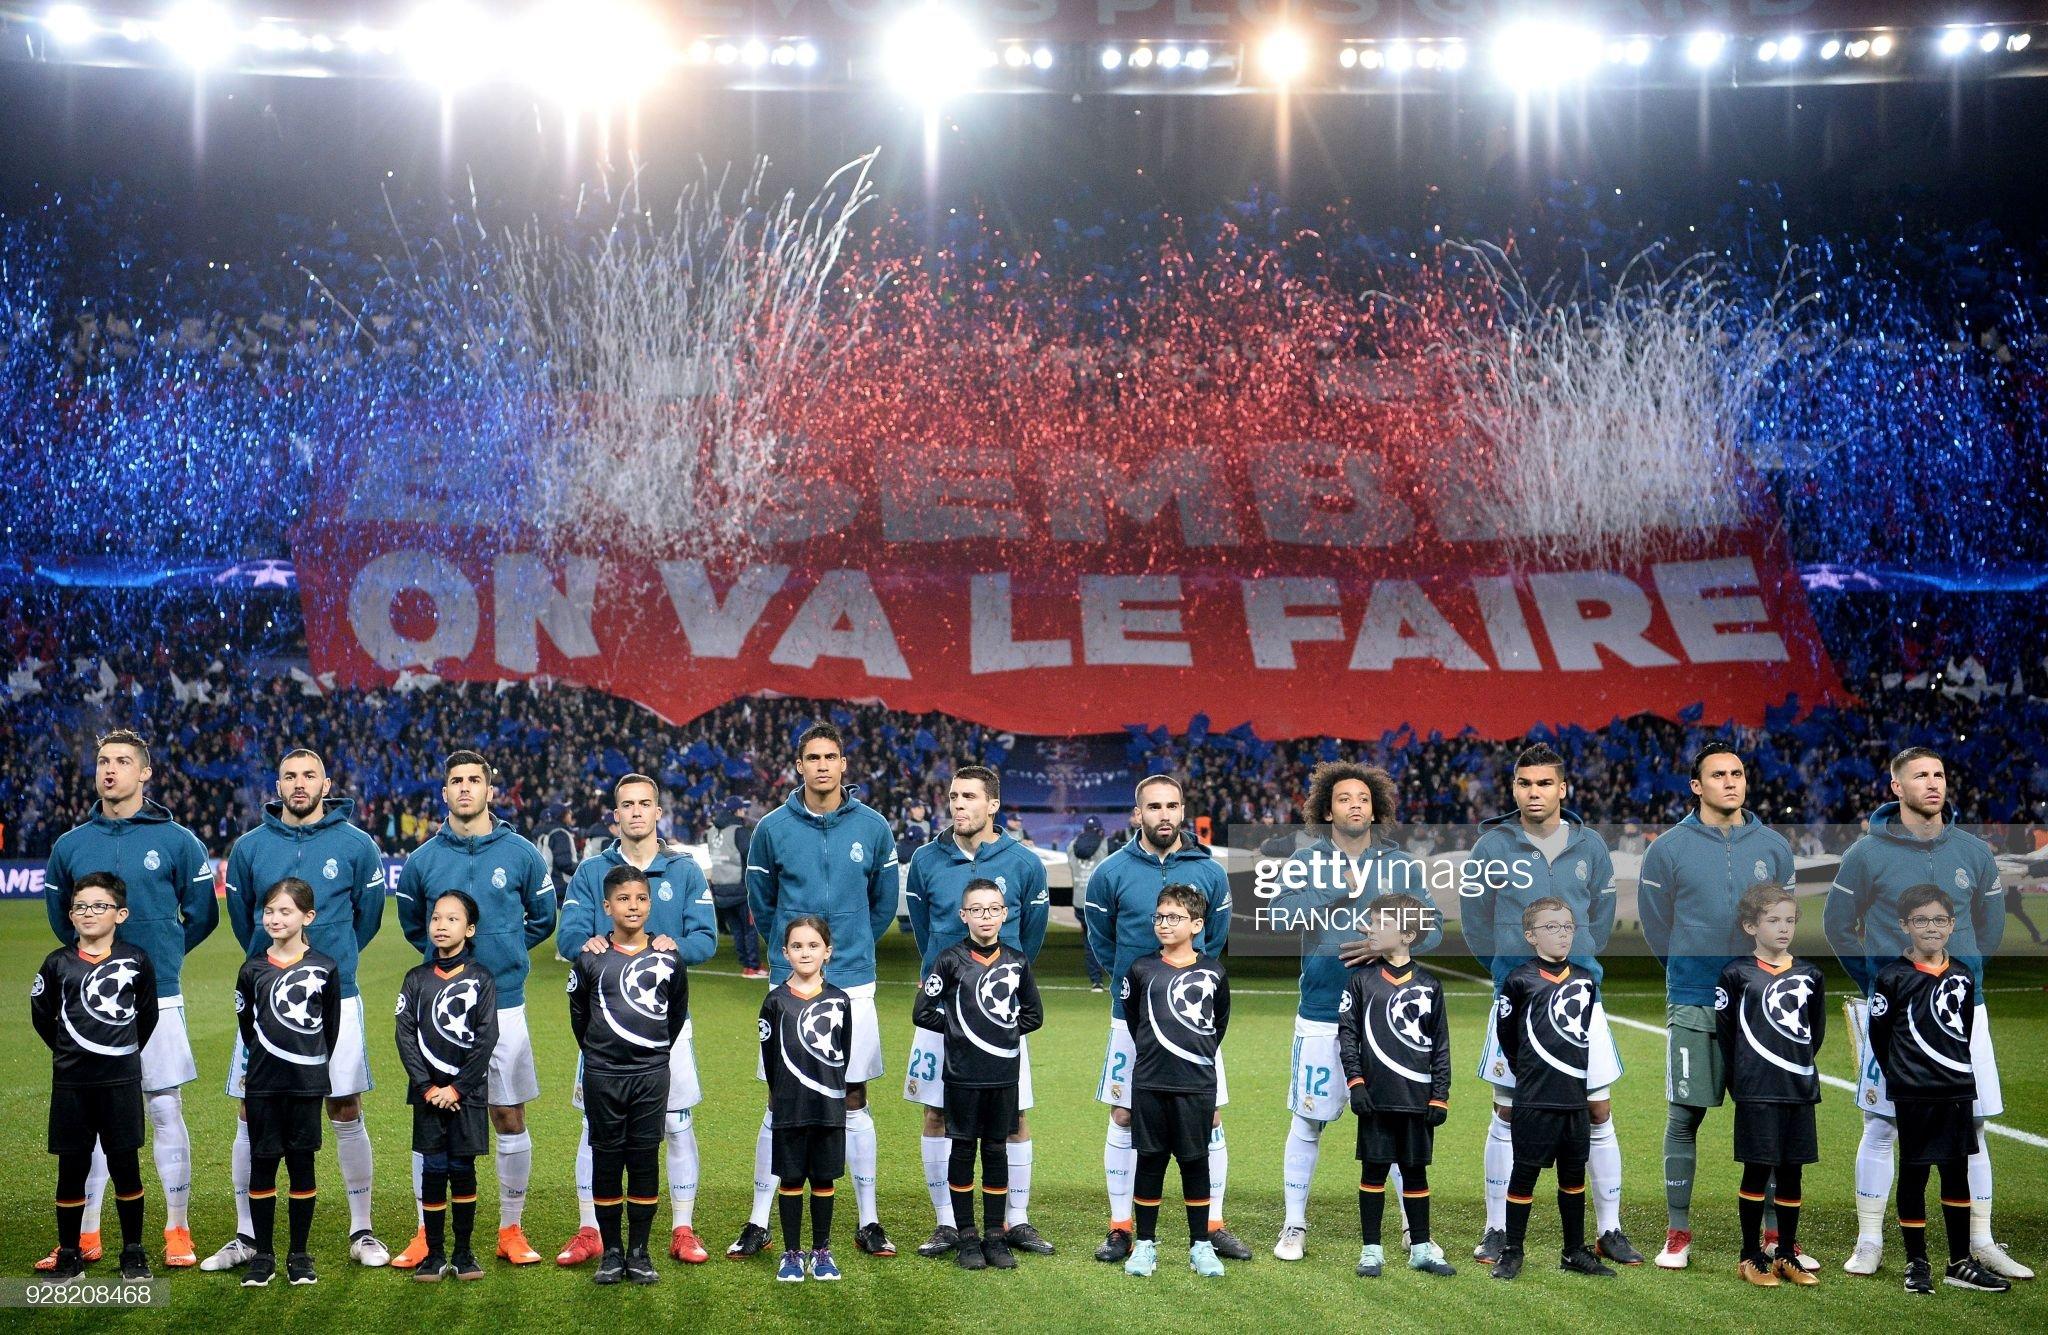 Hilo del Real Madrid - Página 3 Real-madrids-portuguese-forward-cristiano-ronaldo-french-forward-picture-id928208468?s=2048x2048